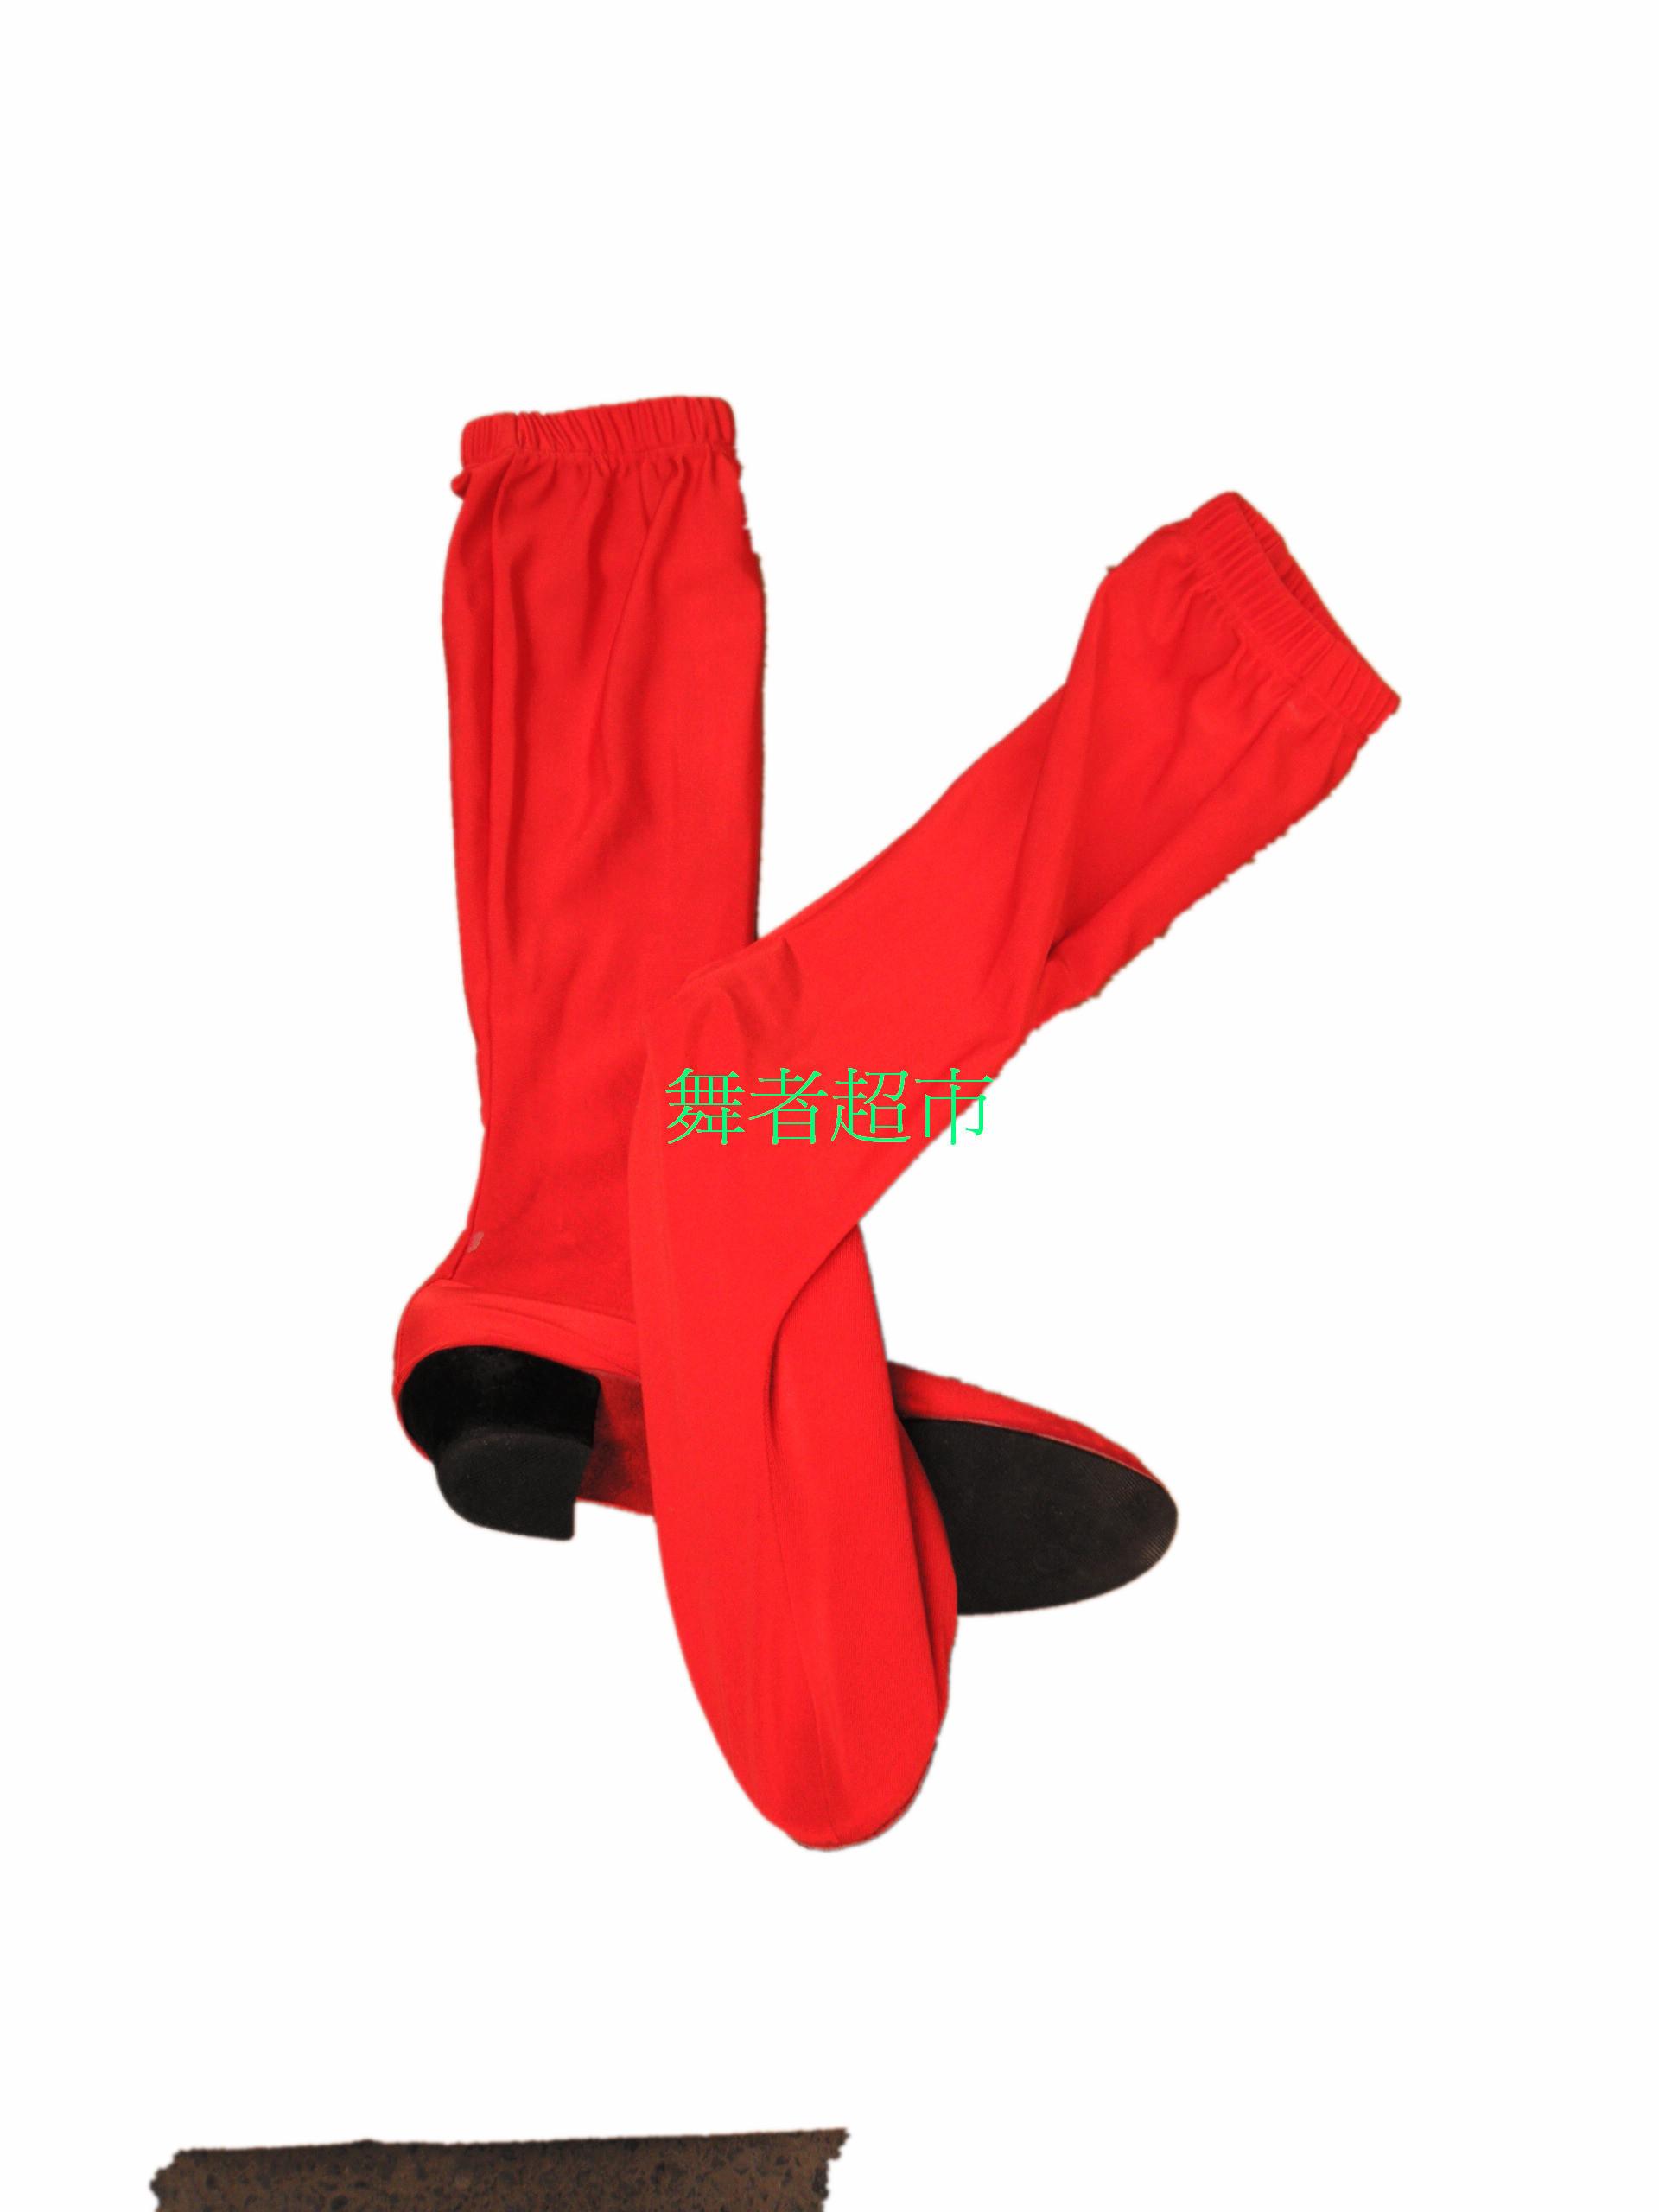 Народ танец эластичность носок ботинок весь красный производительность ботинок танец ботинок танец обувной нейлон ткань нехватка некоторых размеров товара спеццена доставка включена